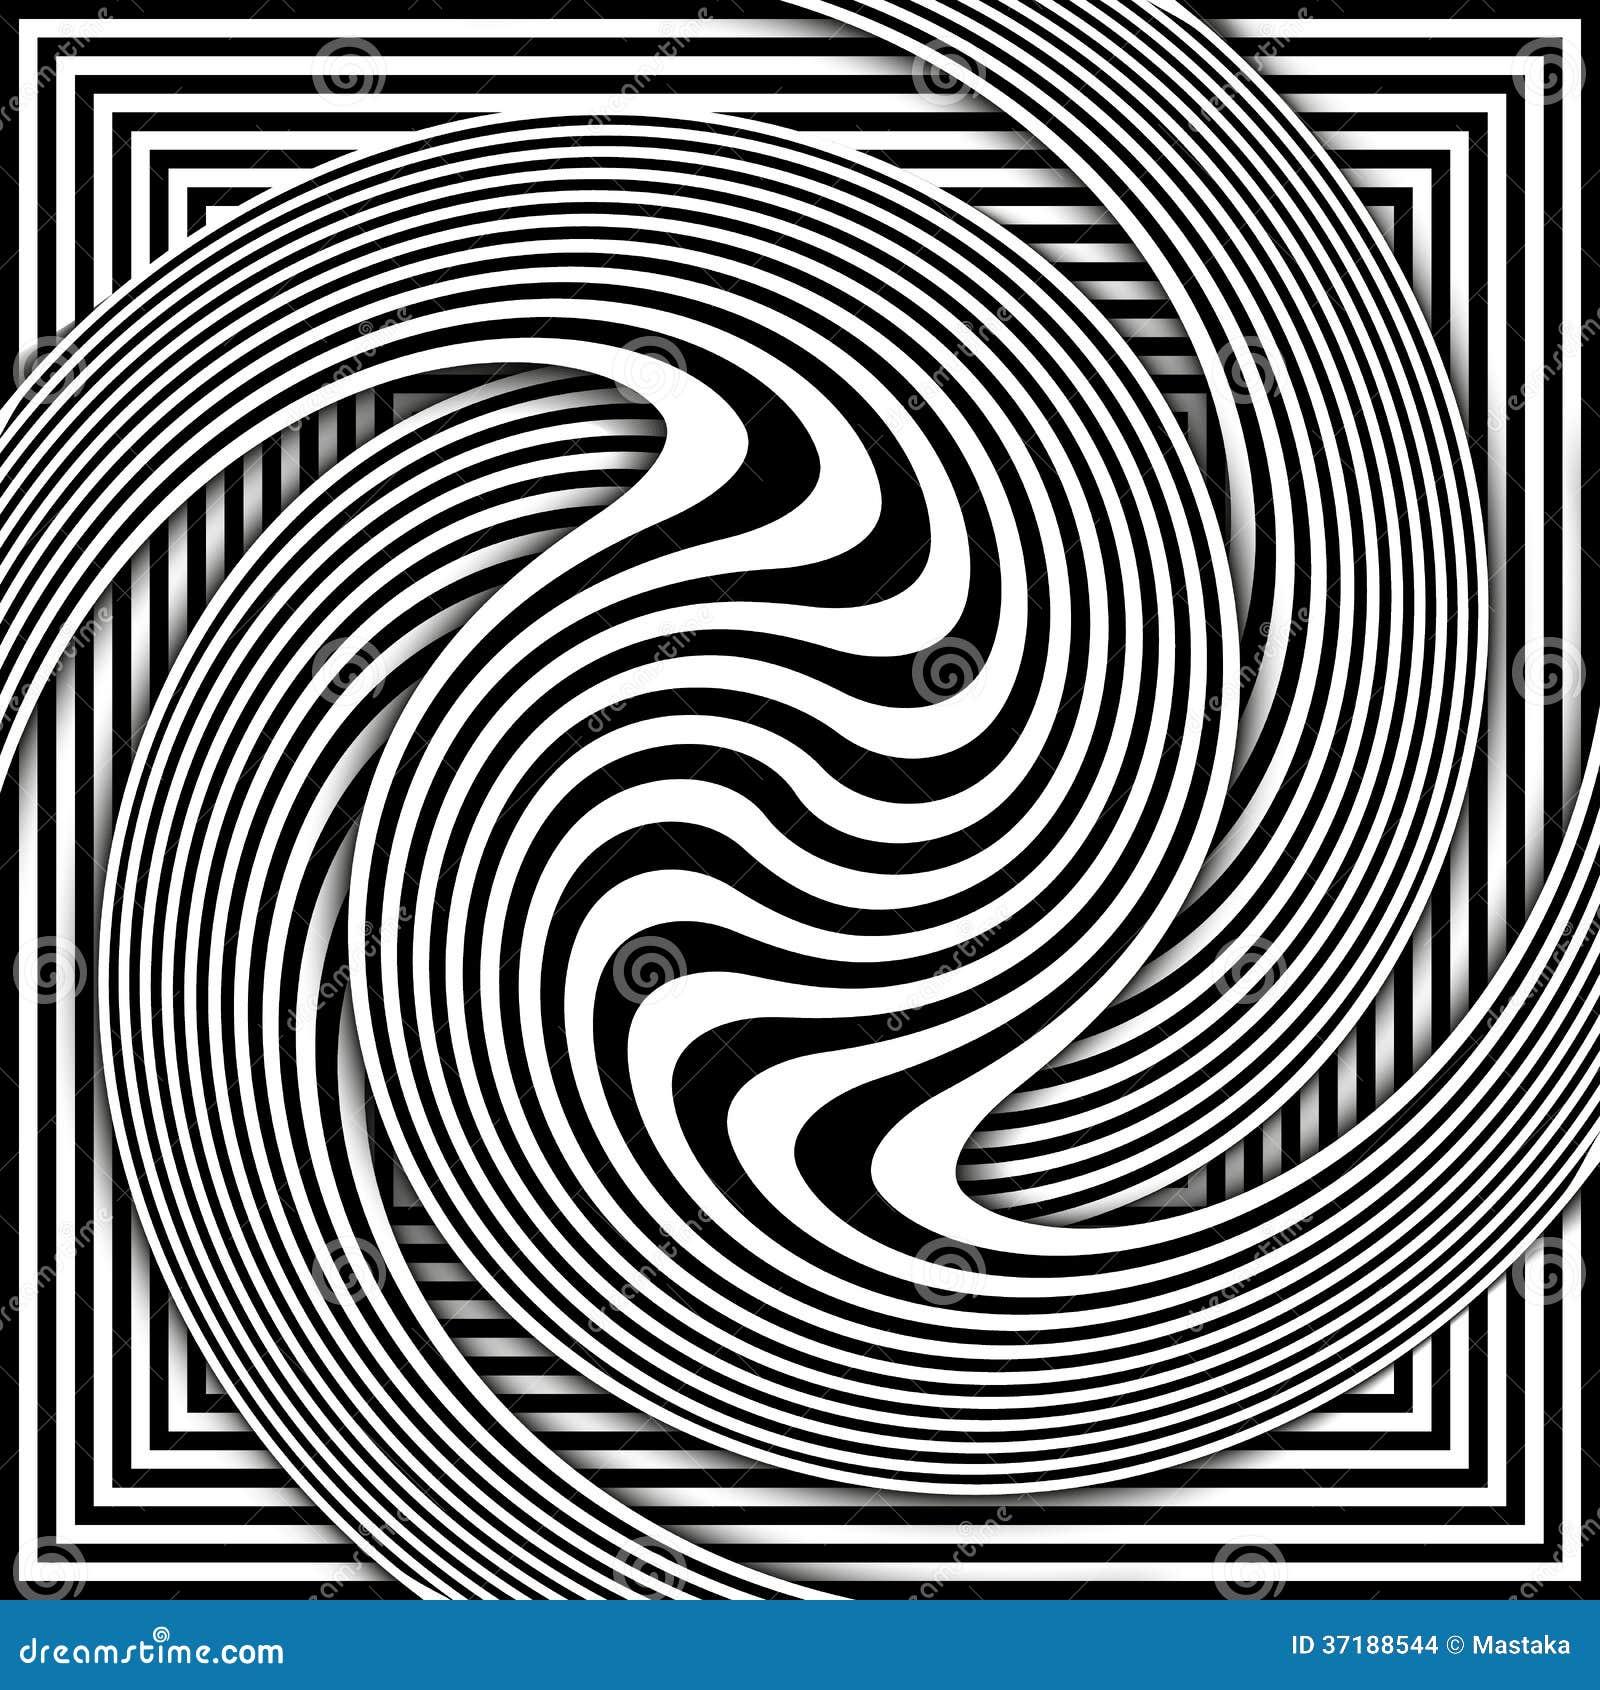 Bedwelming Zwart-wit Opteer Art Background Vector Illustratie - Illustratie @IV52